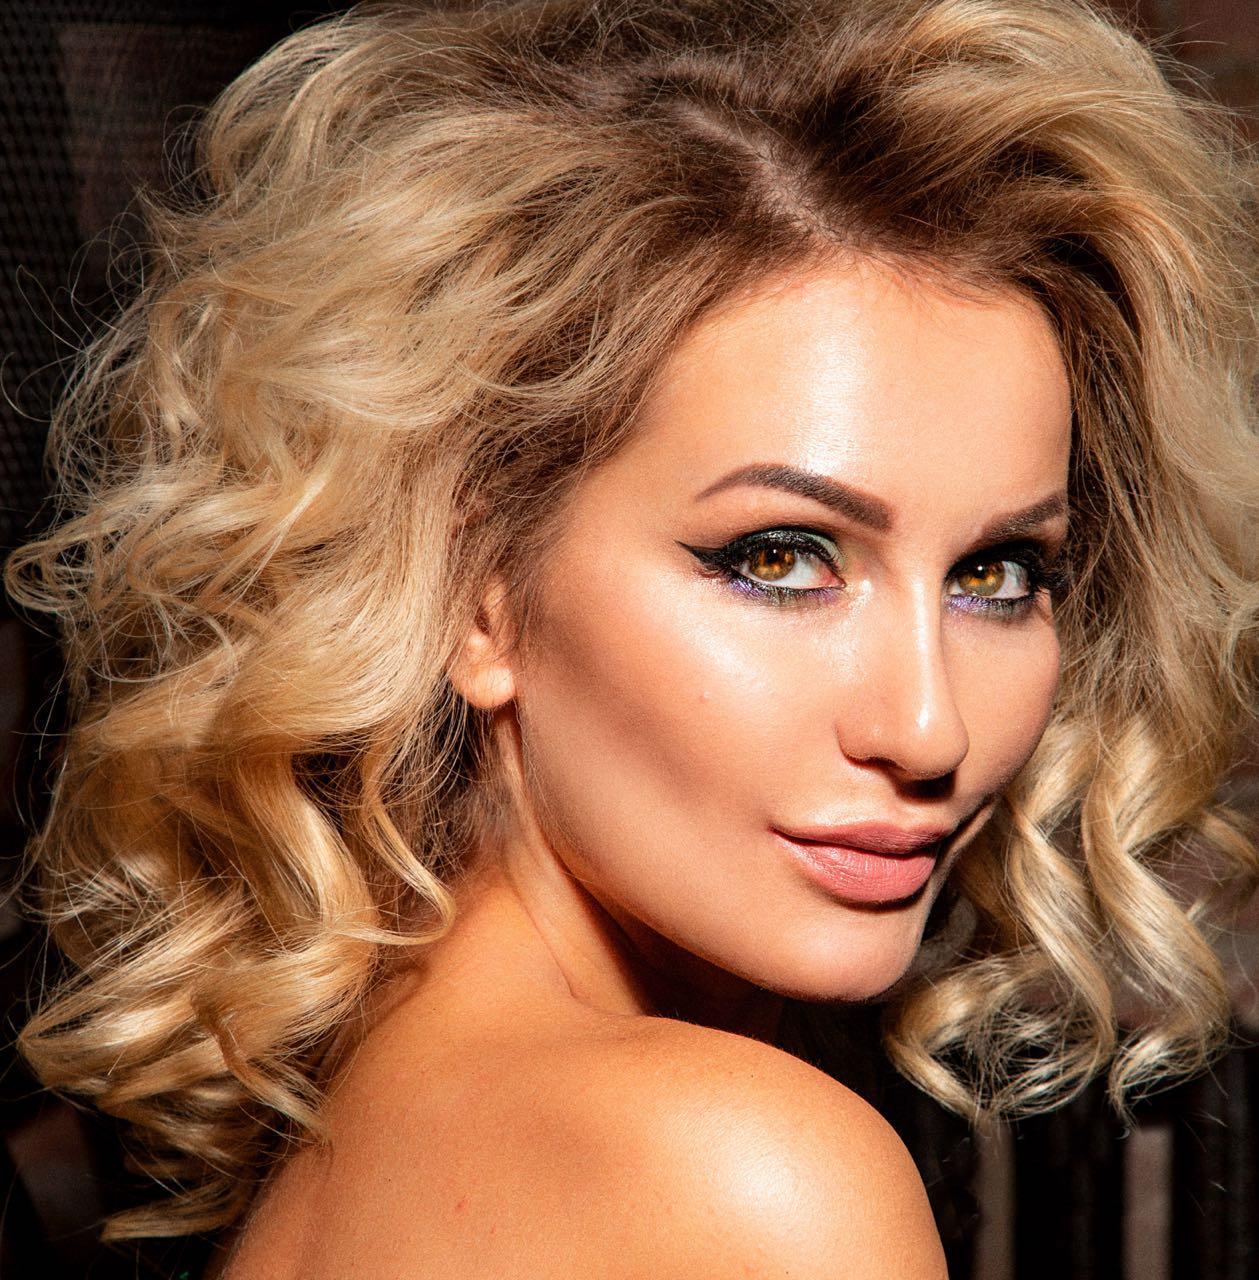 Мисс Белорусь стала новой ведущей на НТВ.